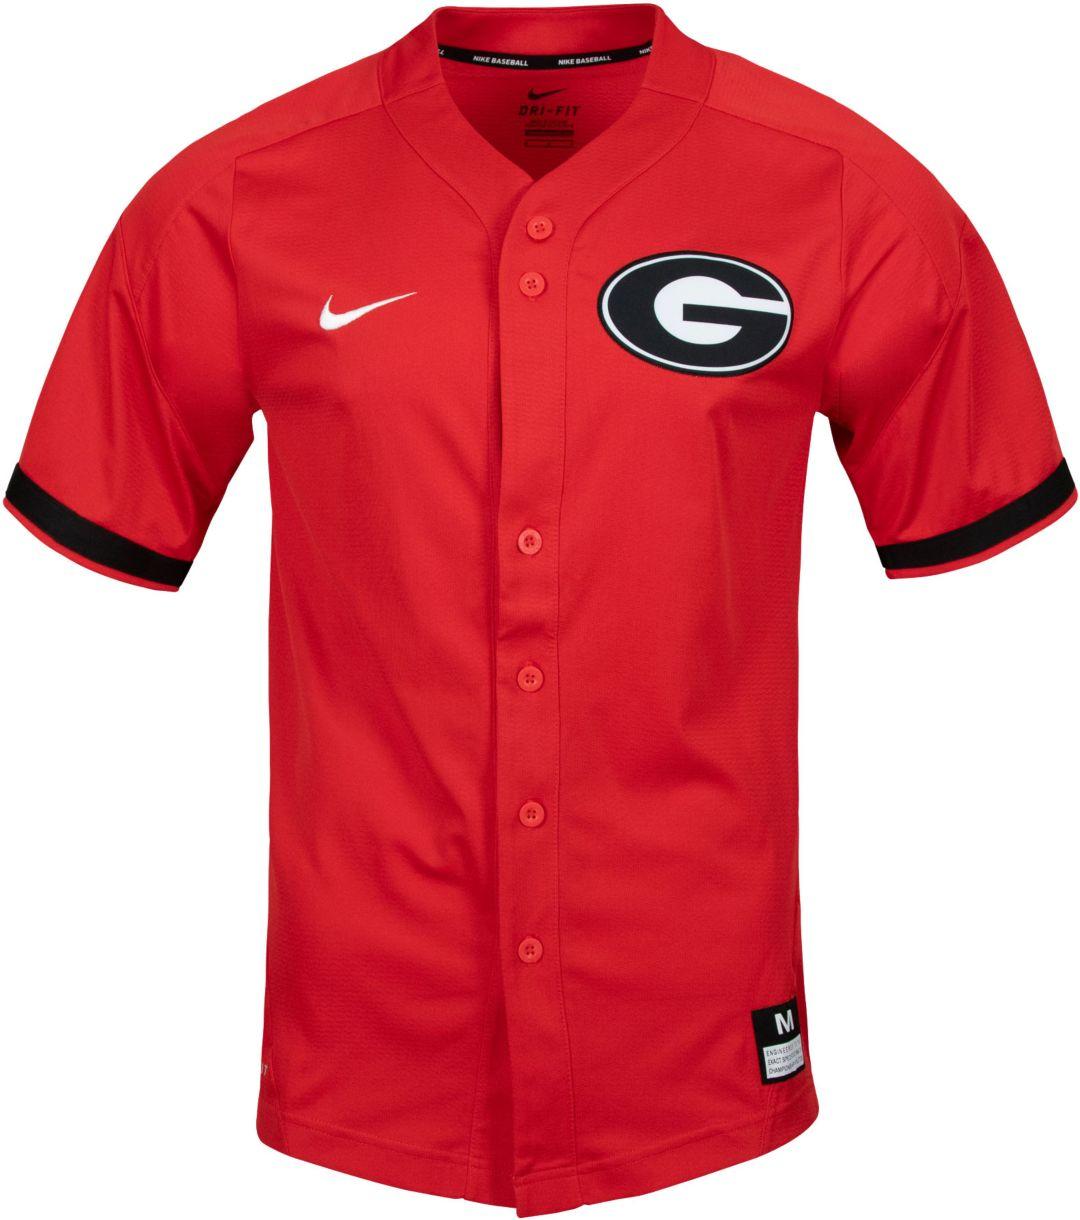 a92ac7d643e Nike Men's Georgia Bulldogs Red Dri-FIT Replica Baseball Jersey ...